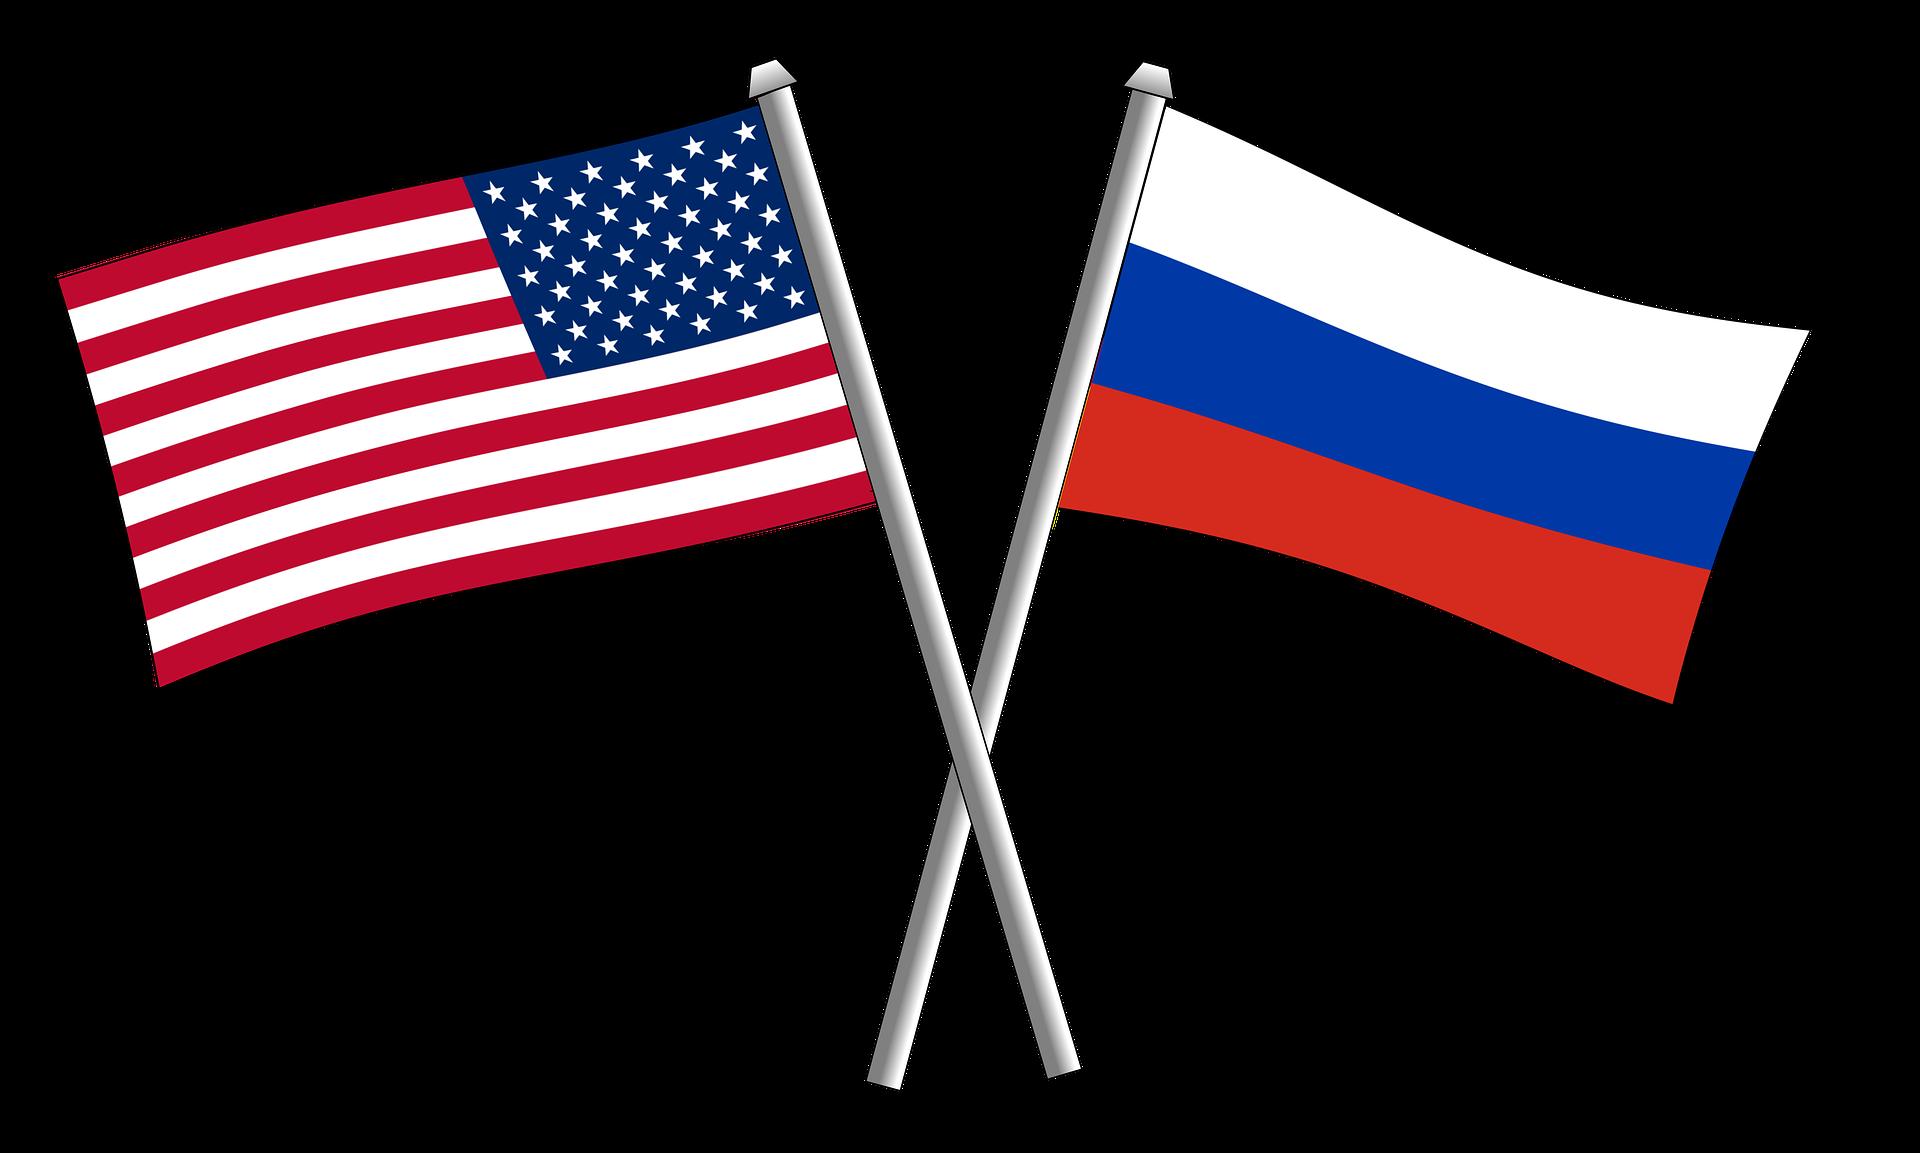 США готовятся к введению экономических санкций против РФ